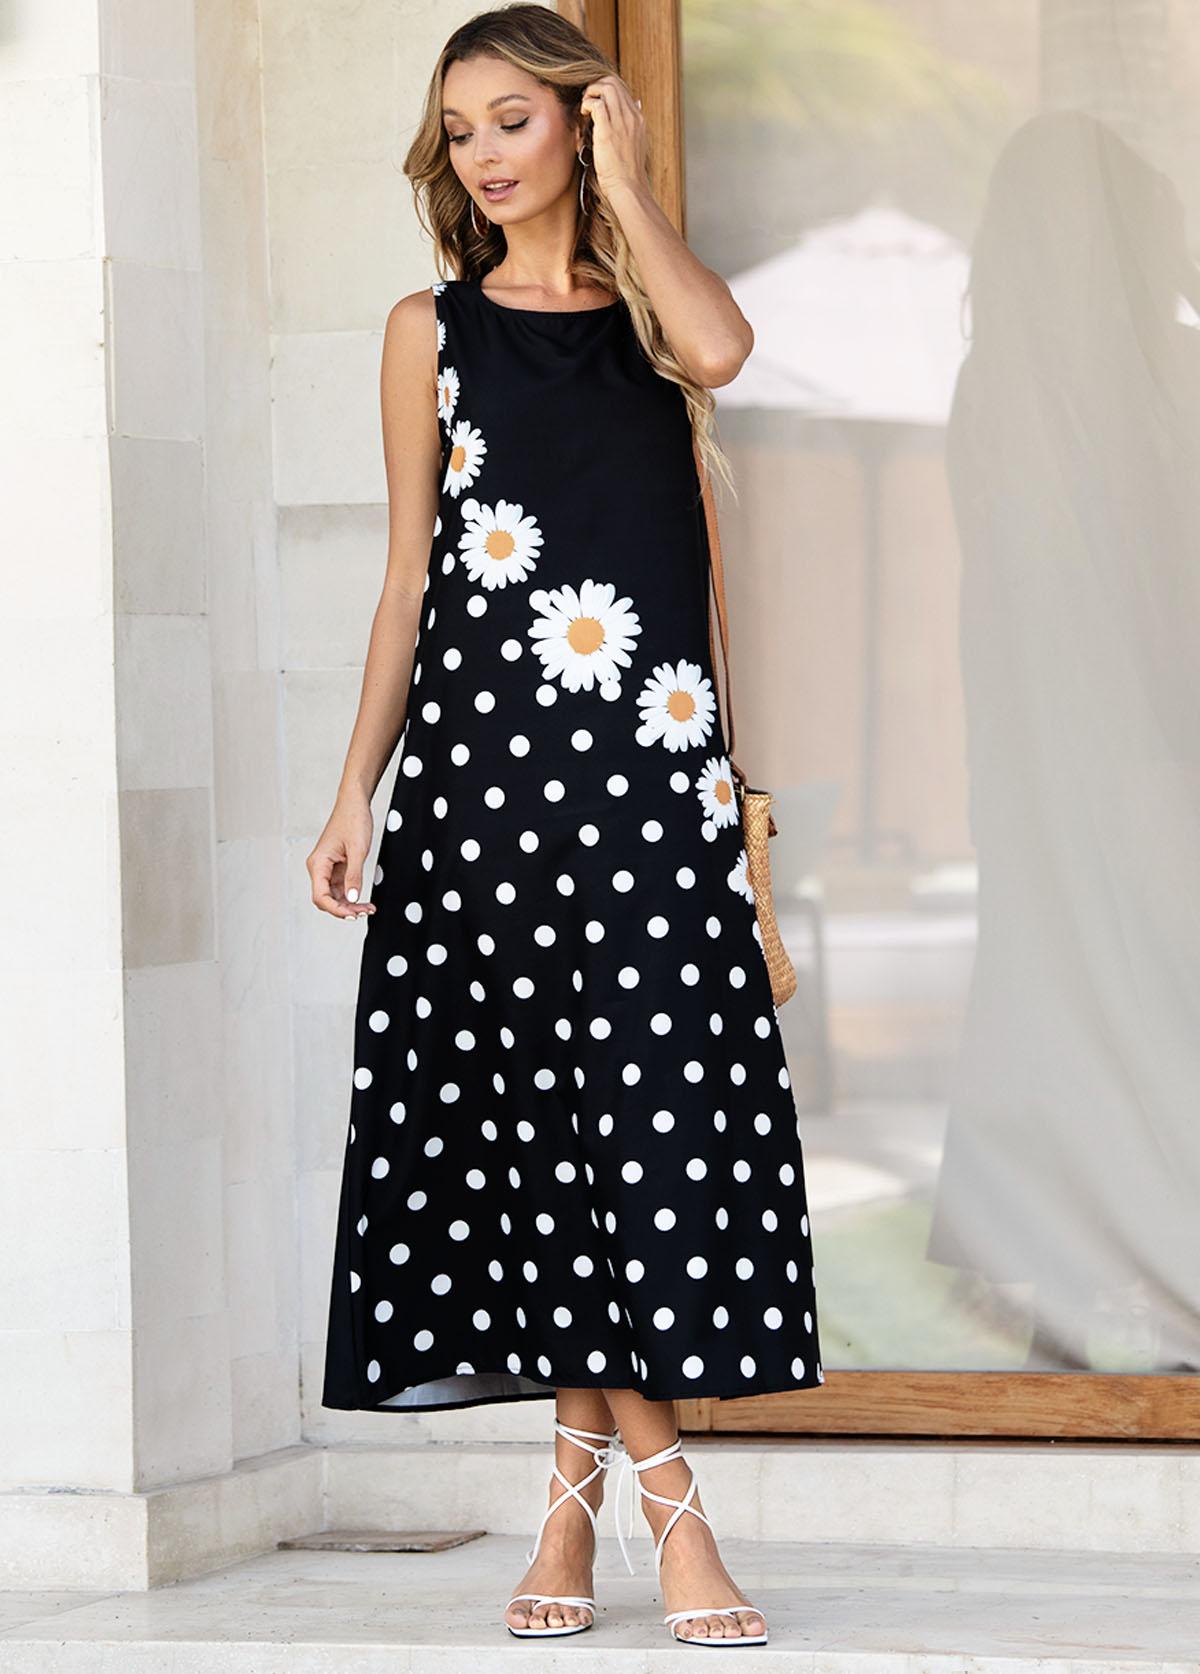 Daisy Print Polka Dot Sleeveless Dress